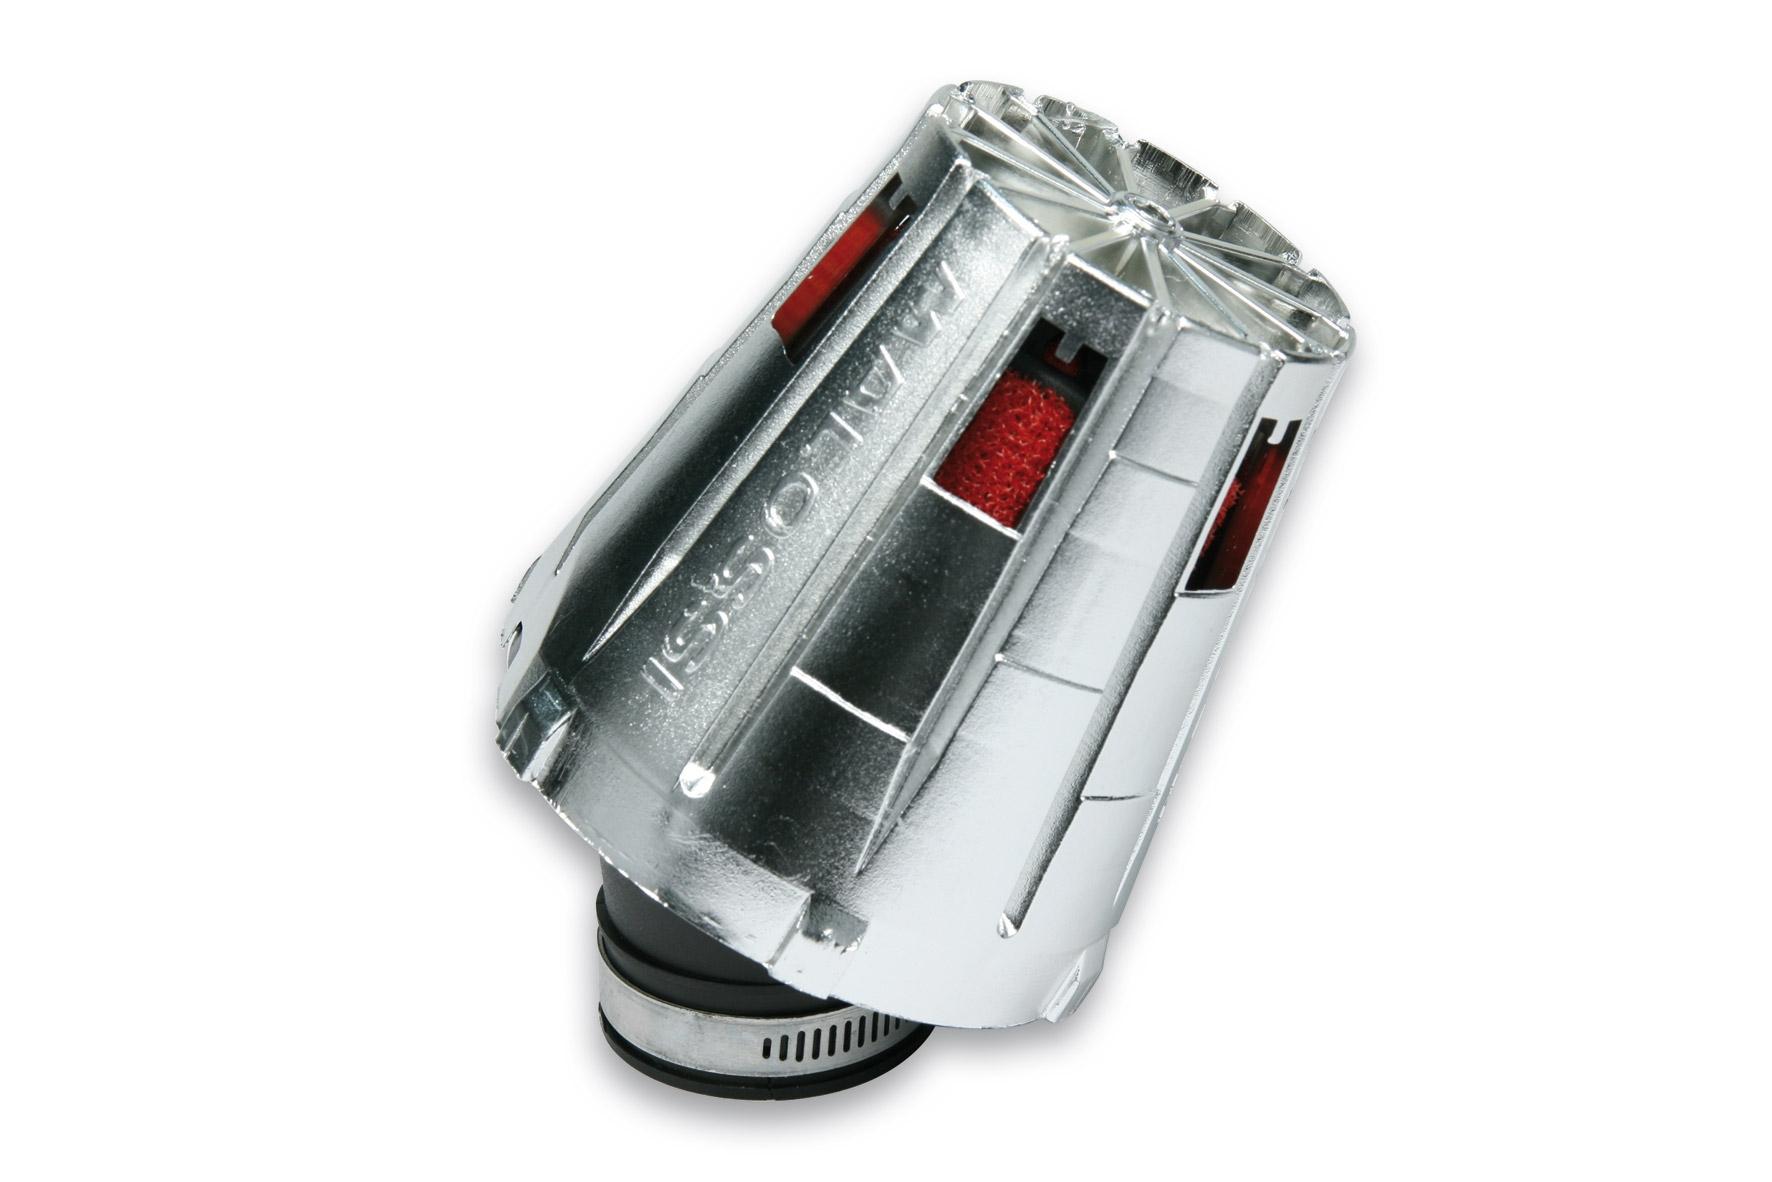 Filtre à air Malossi Red Filter E5 D.52 incliné 30 couvercle chromé